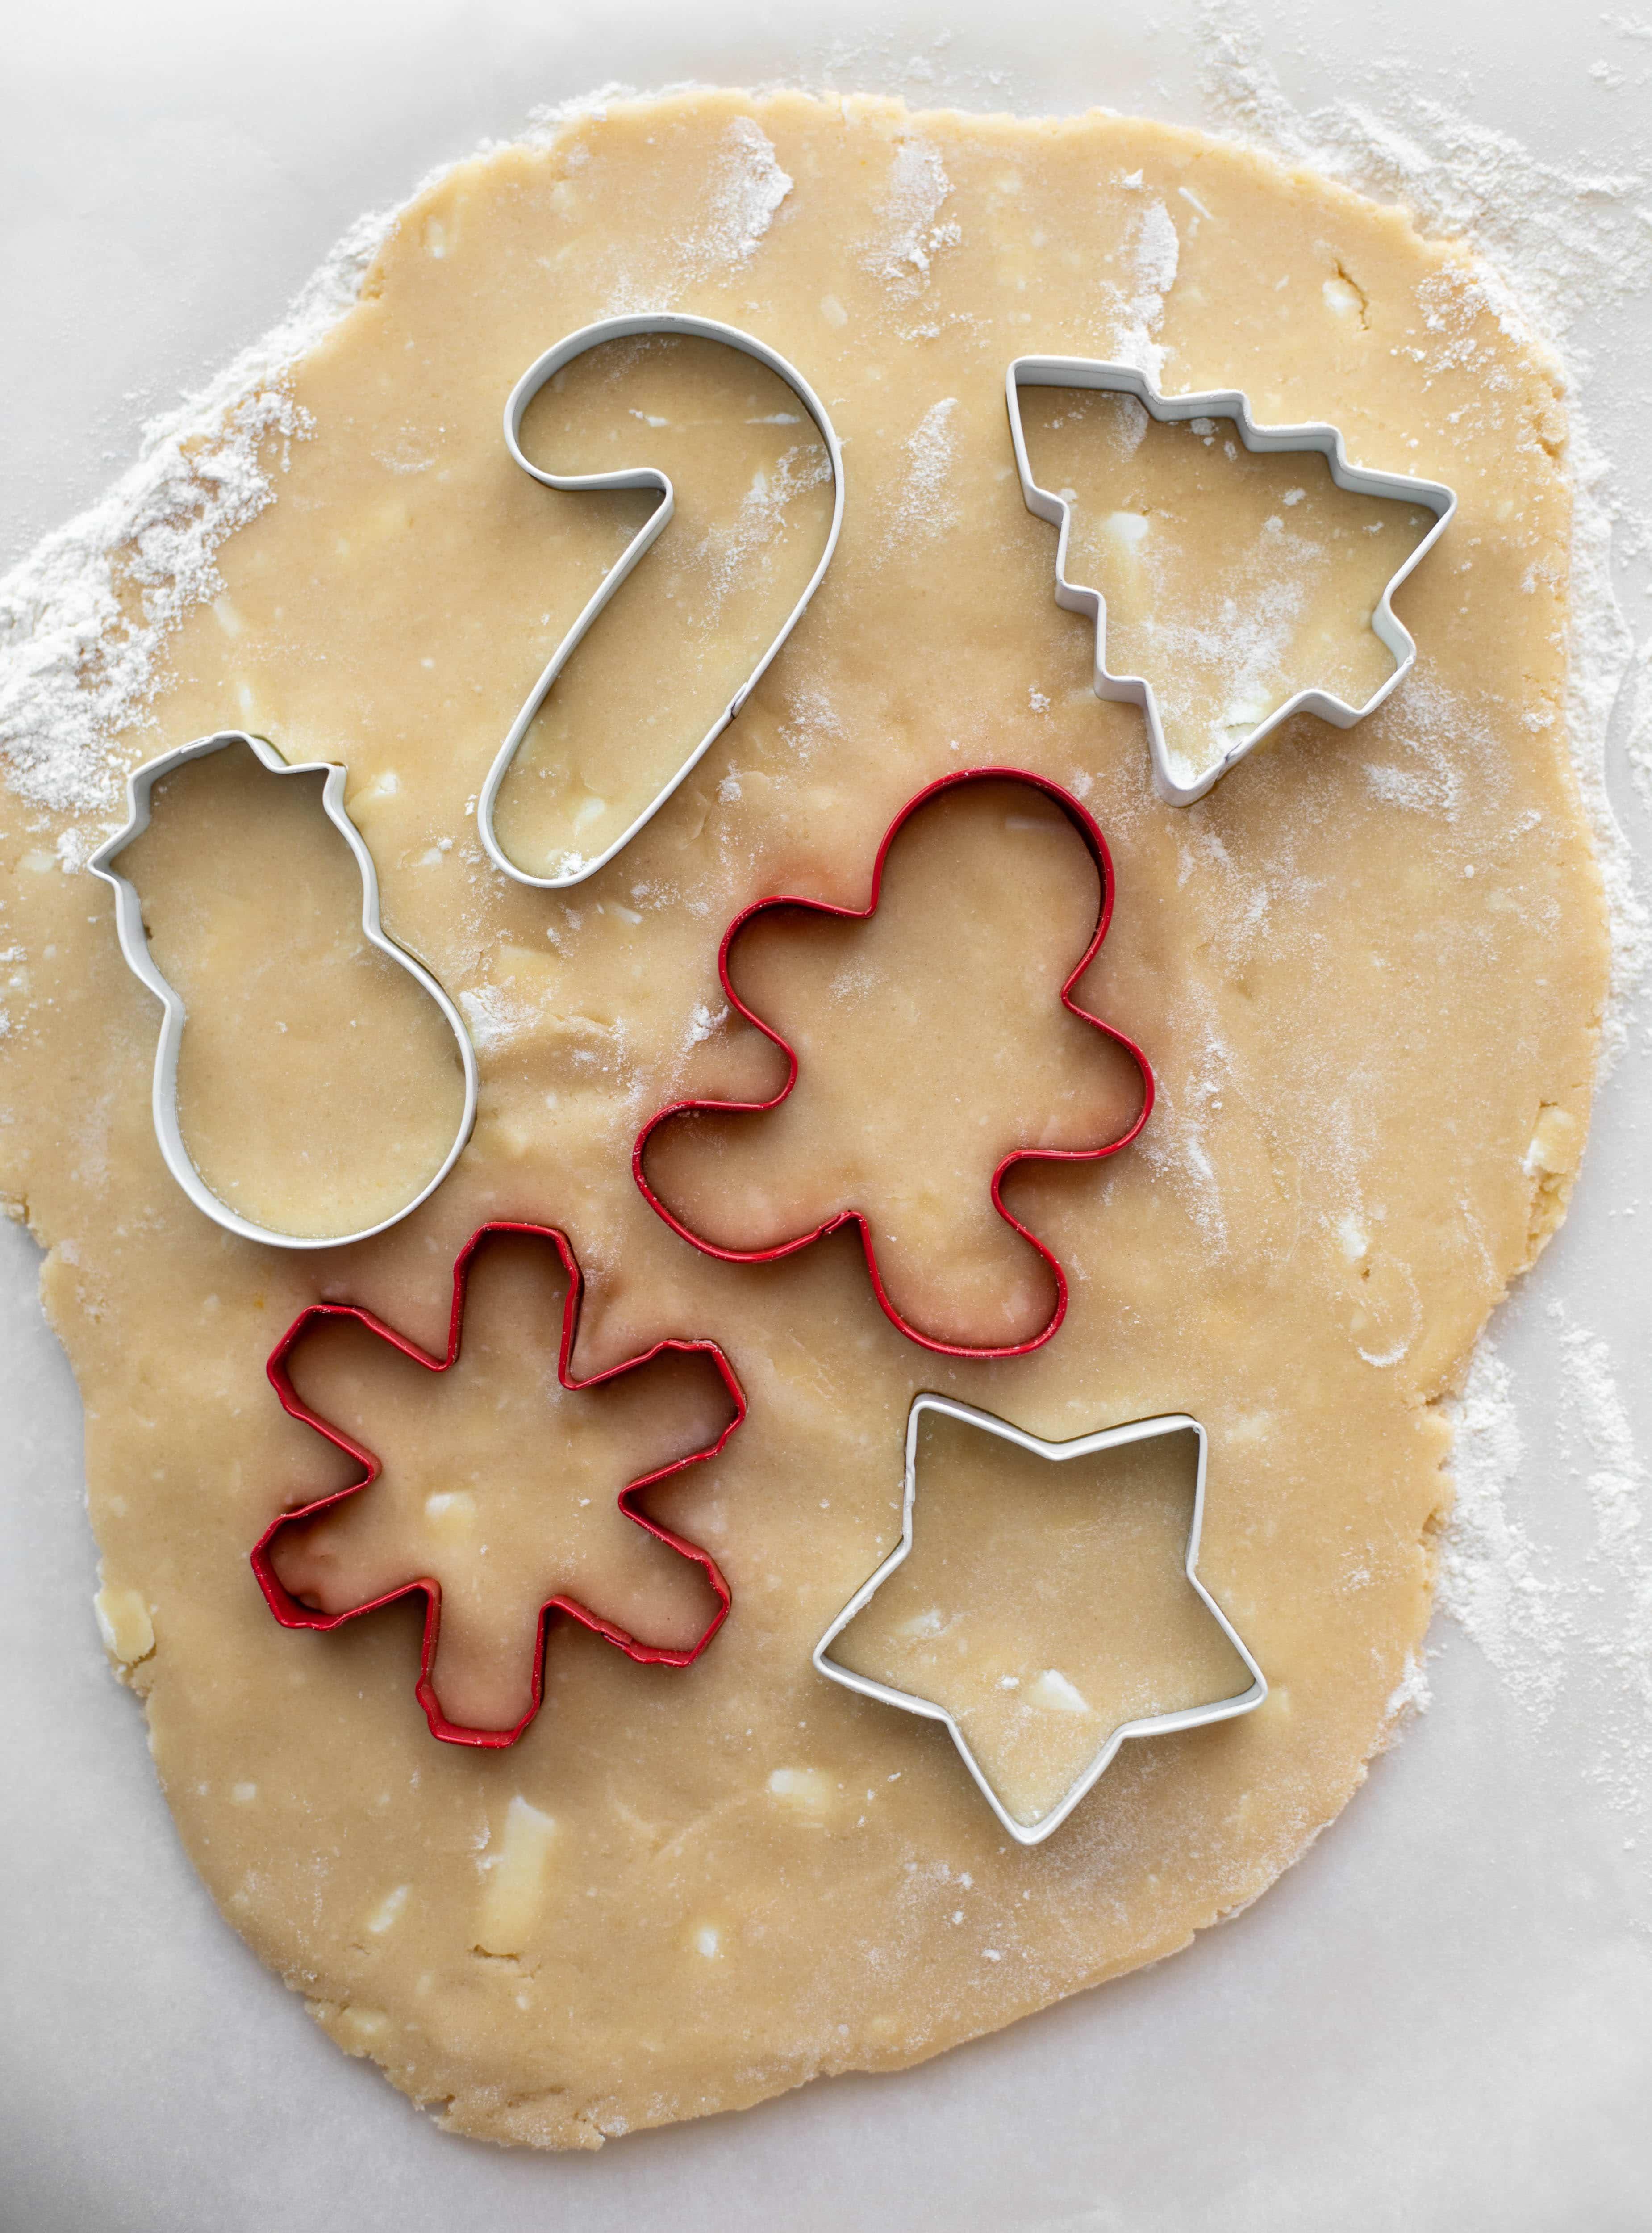 Las galletas de azúcar de menta rosa son galletas clásicas de vainilla cubiertas con glaseado de queso crema de menta. ¡Son deliciosos!